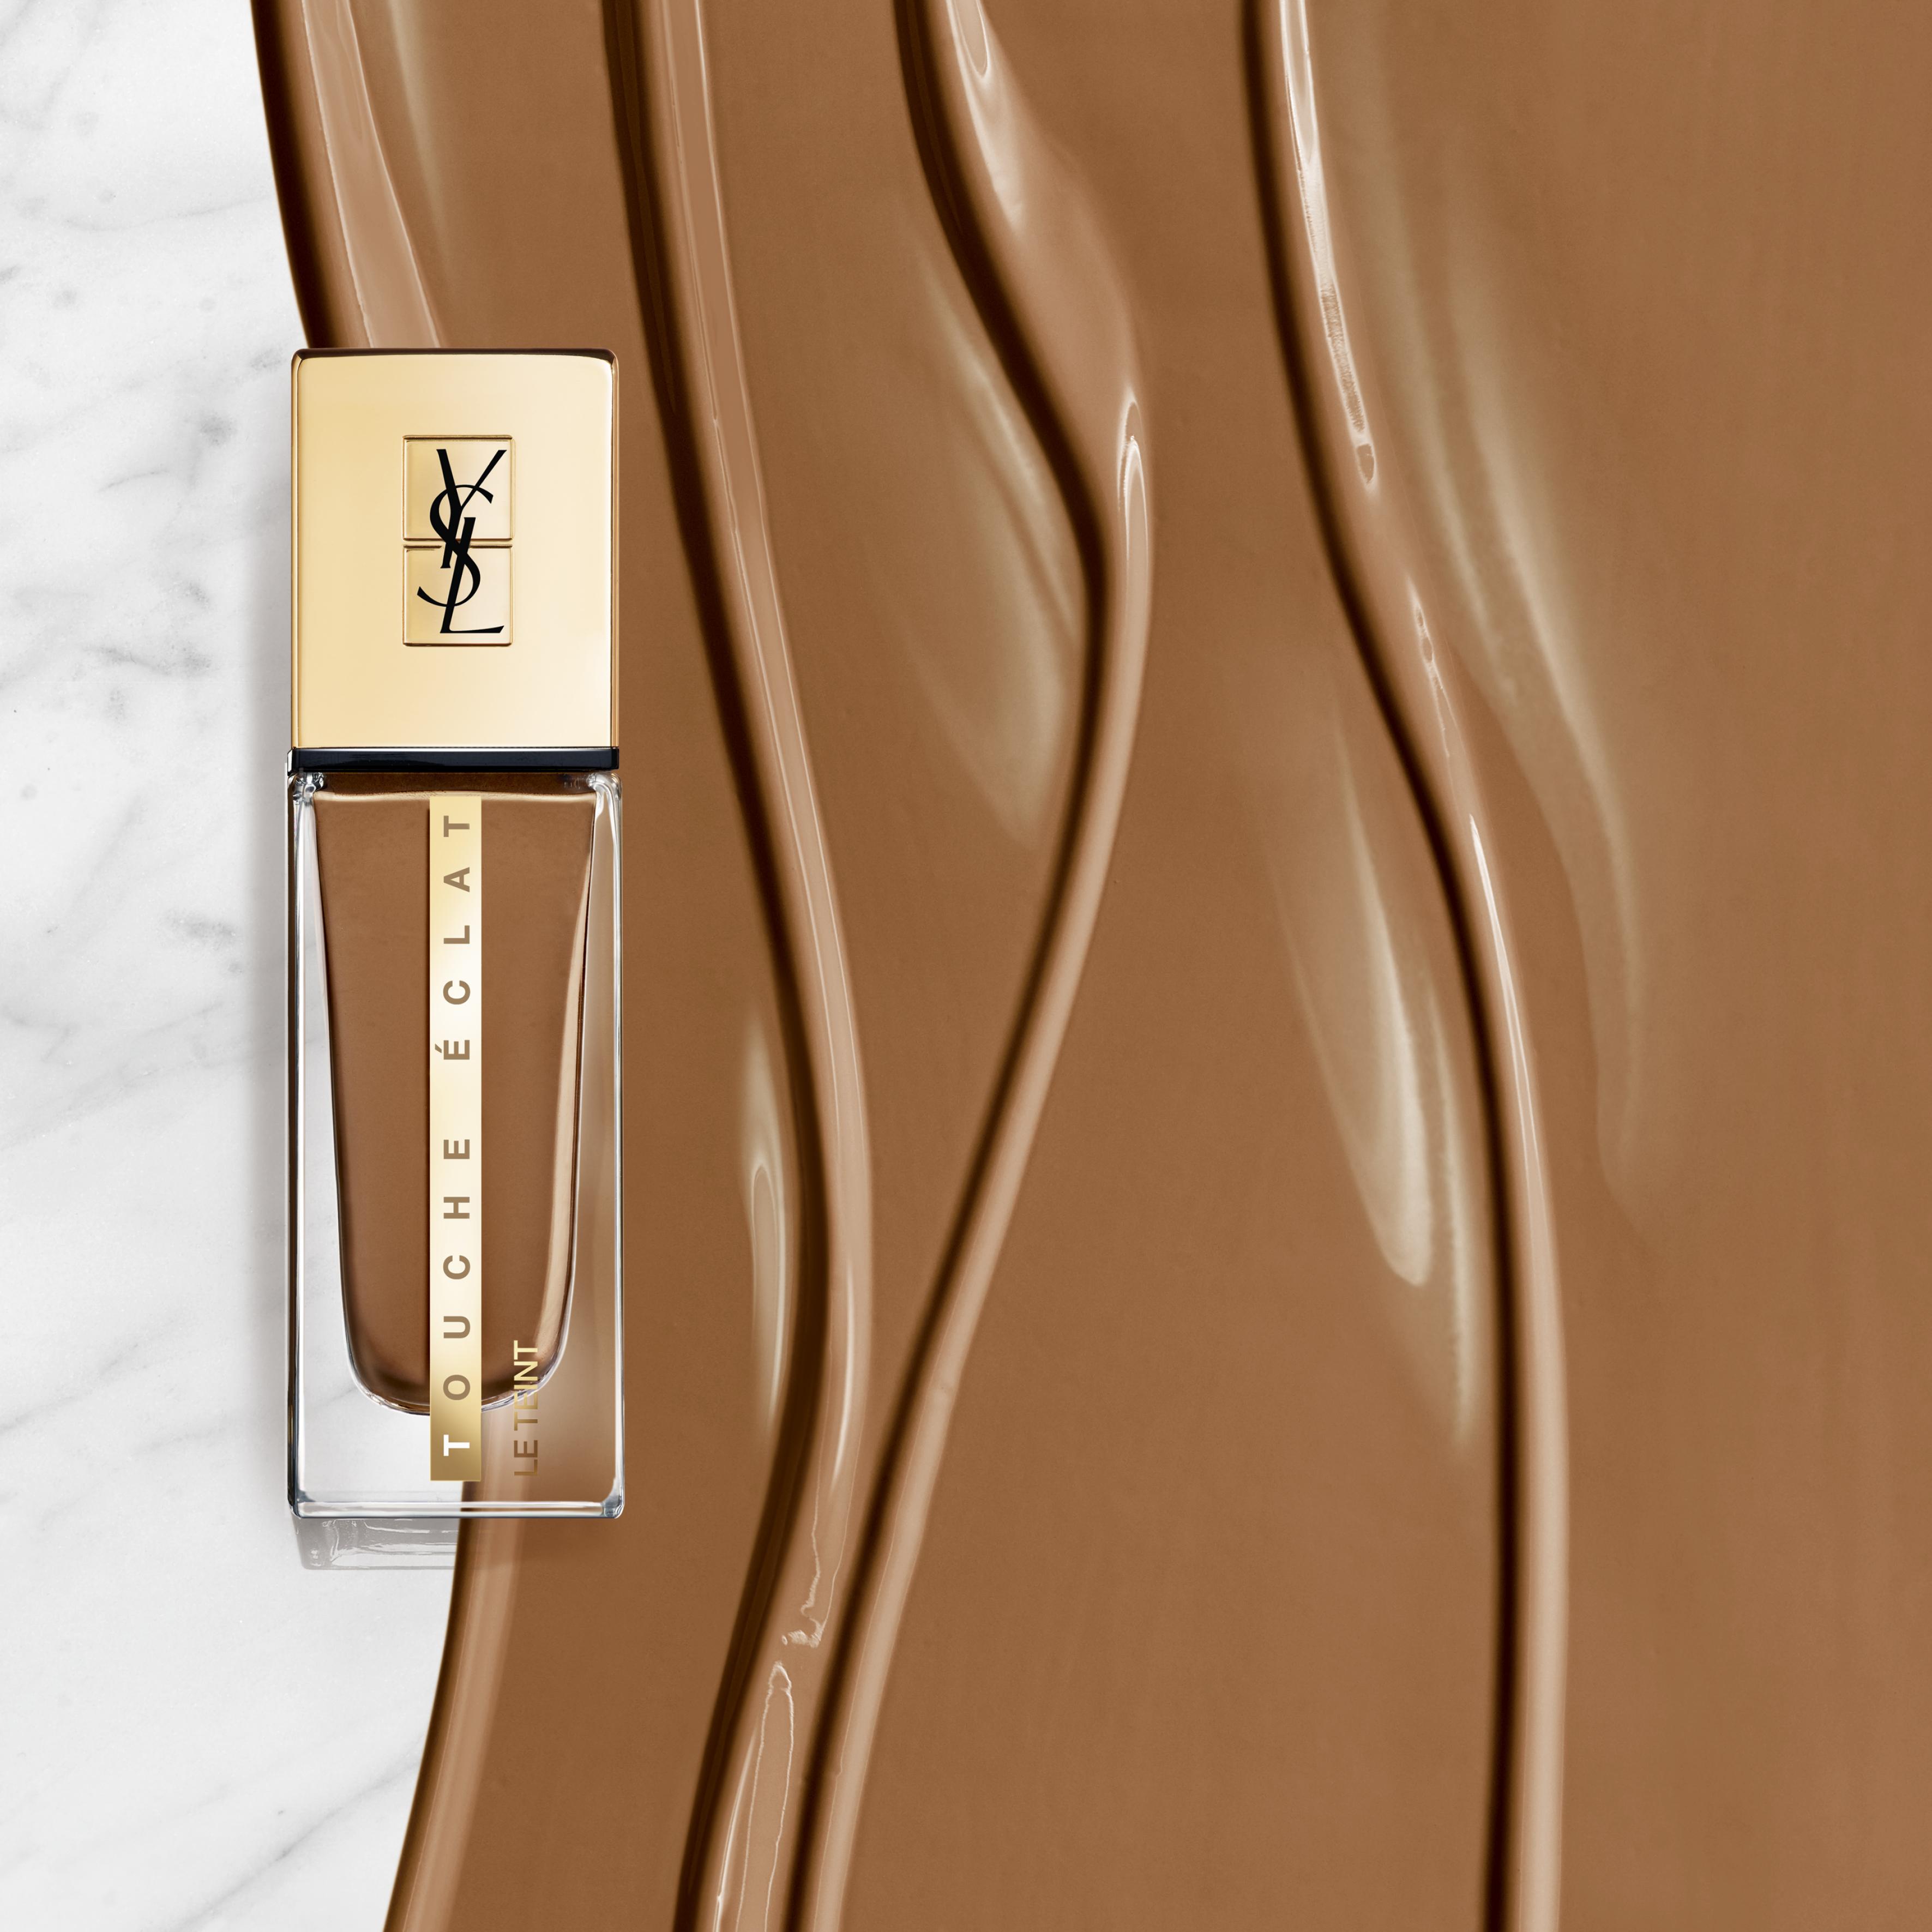 Yves Saint Laurent Le Teint Touche Eclat Foundation, B75